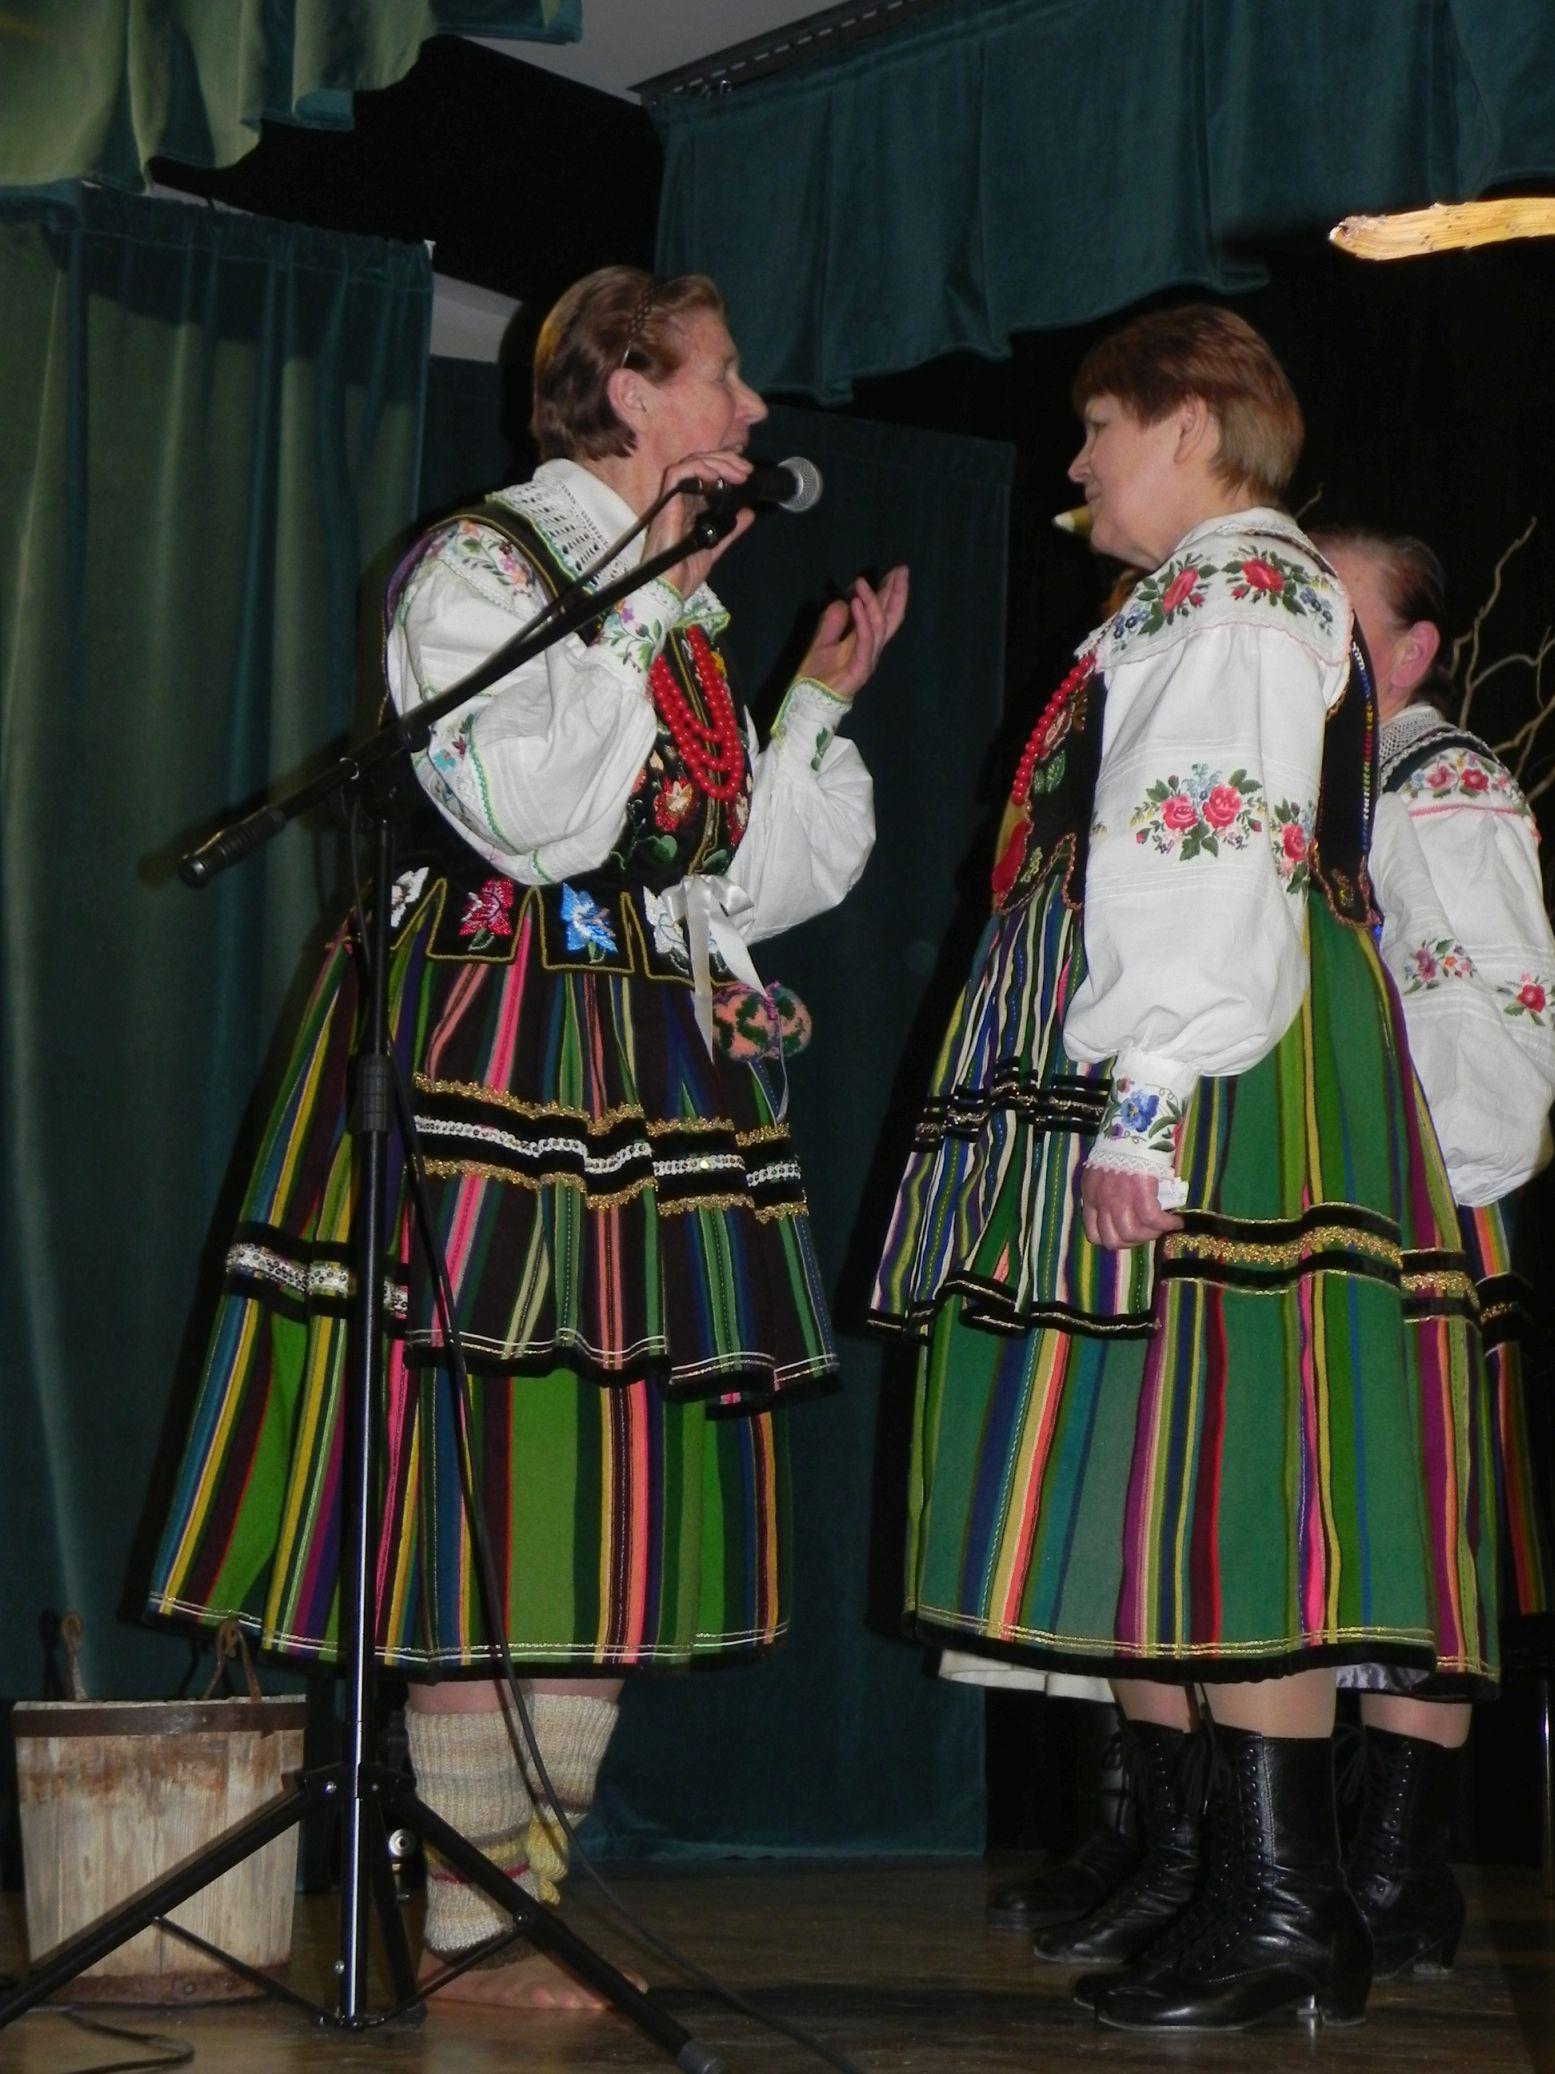 2015-02-14 Boguszyce - gawędy (25)